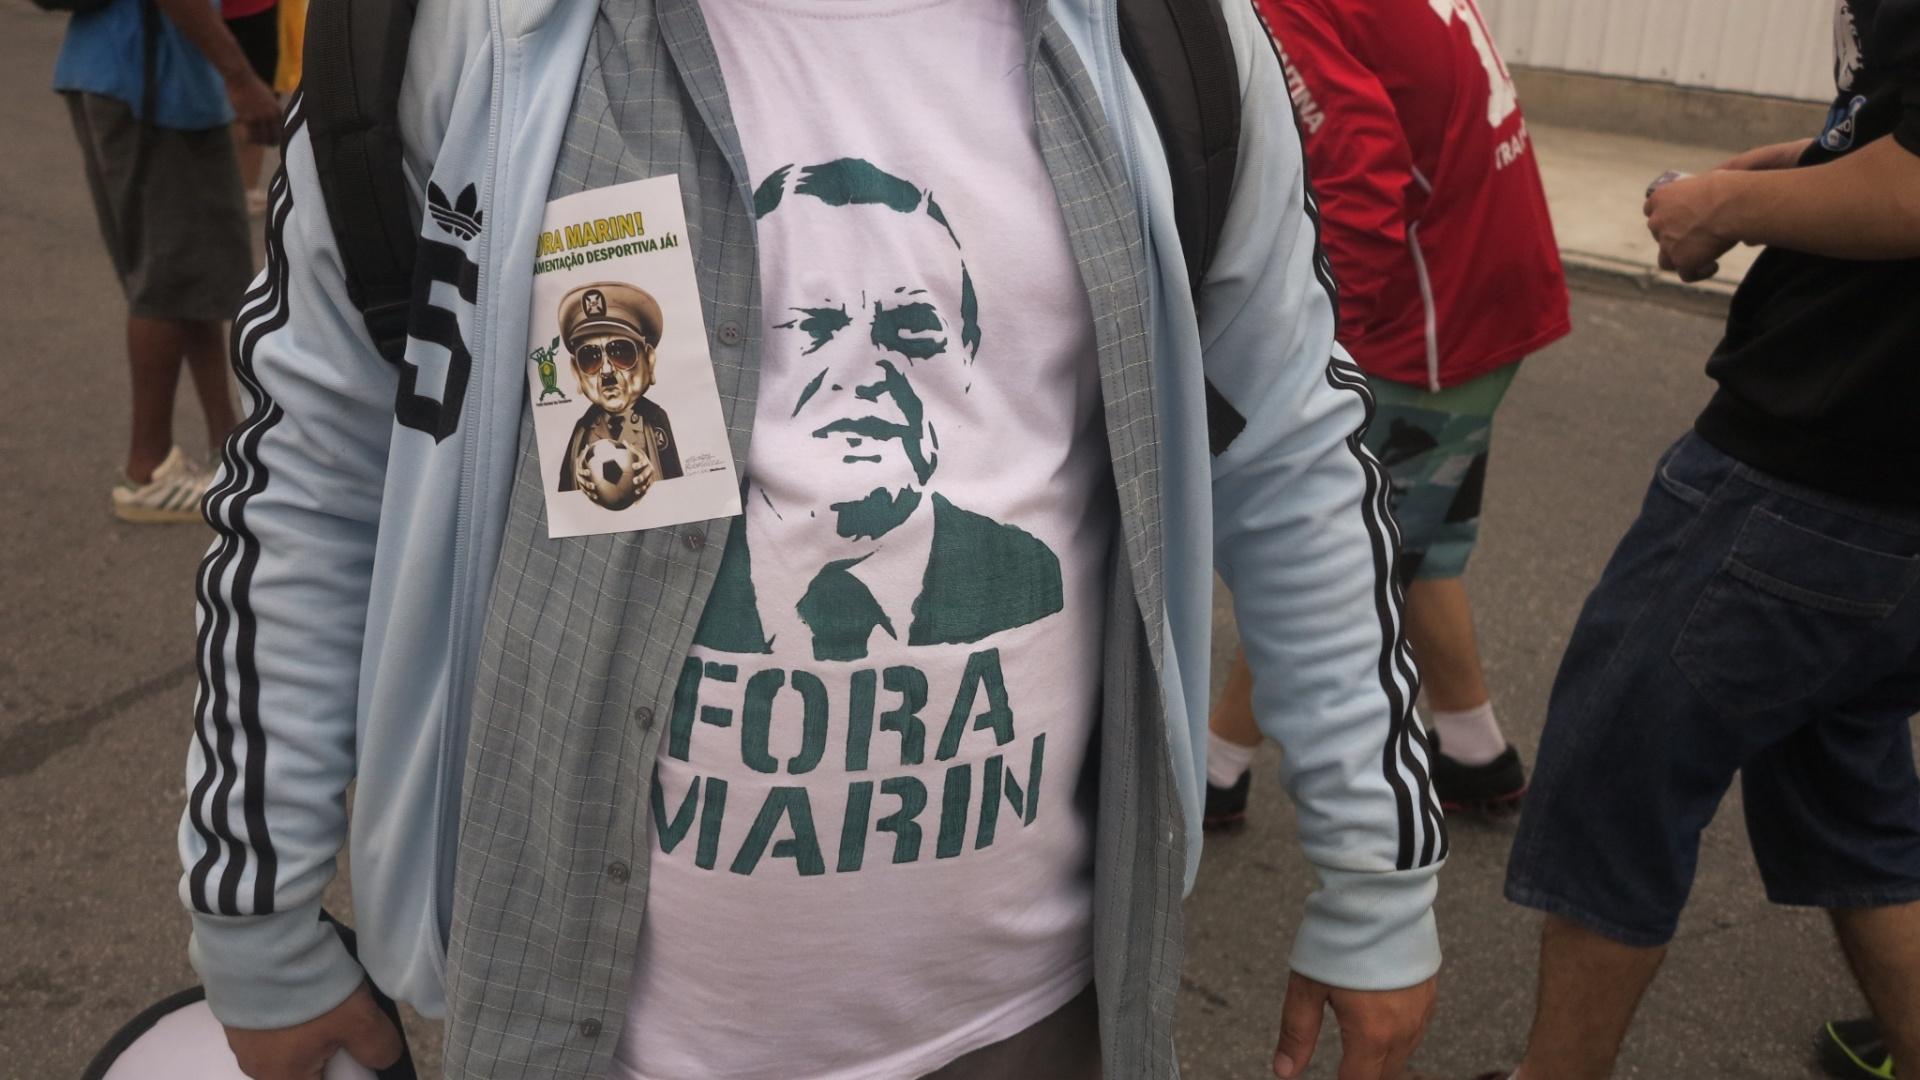 Protesto desta manhã em frente a um dos prédios da CBF na Barra da Tijuca. Ato organizado pela Frente Nacional de Torcedores.